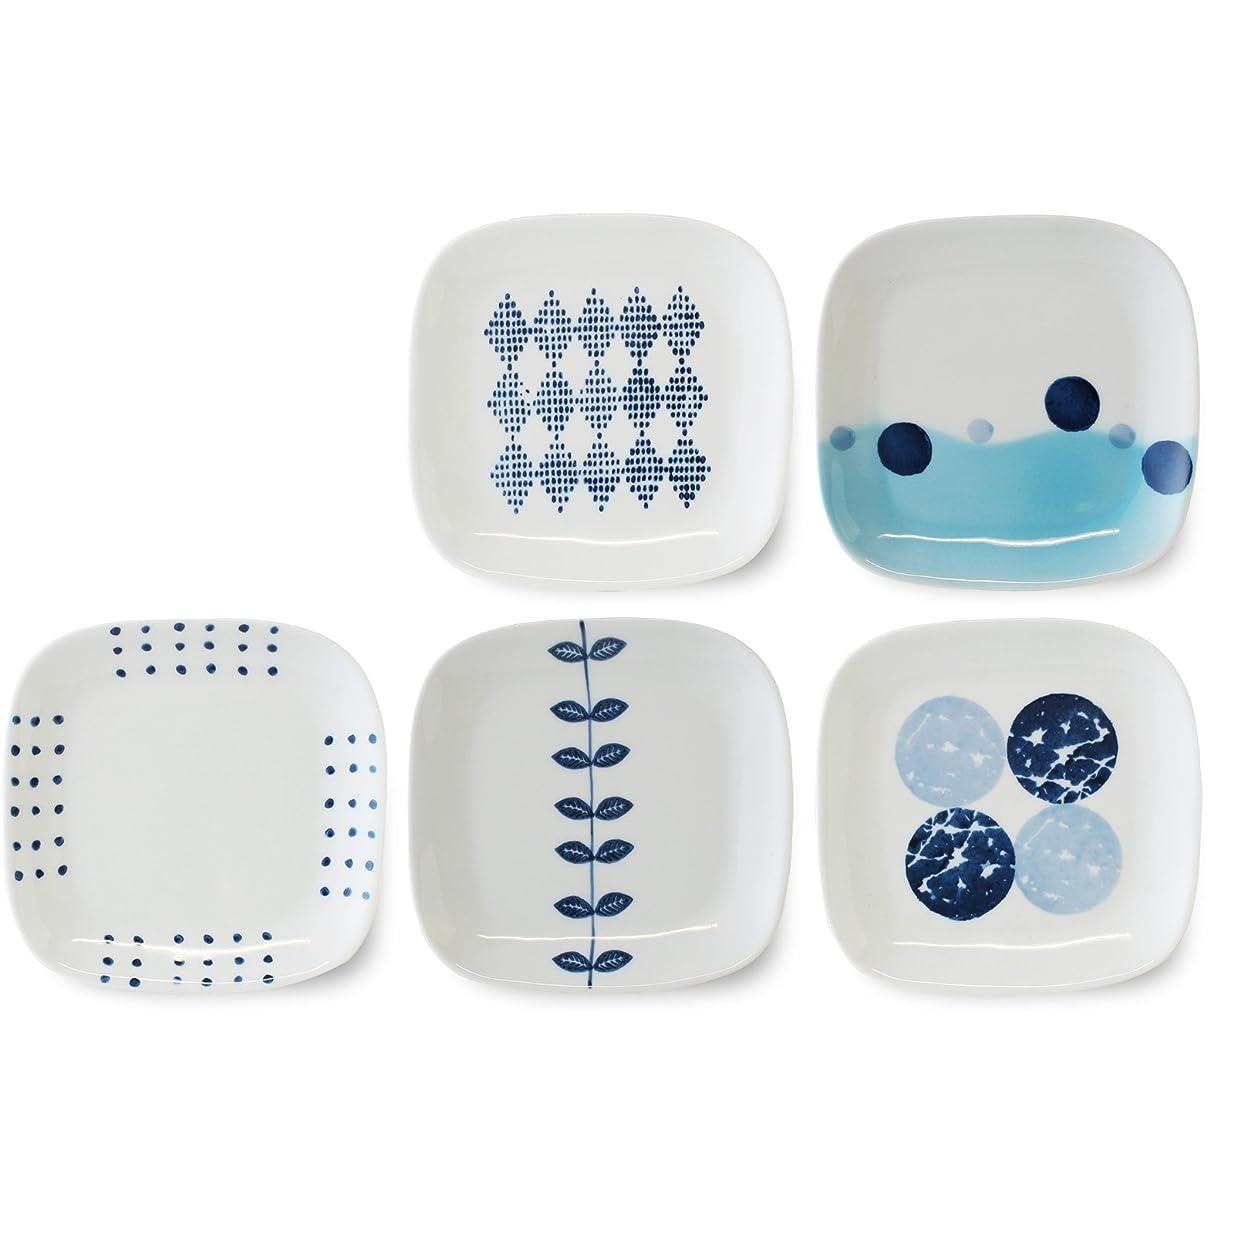 じゃないブレーキヒゲ波佐見焼 CtoC JAPAN 取り皿 角プレート 藍 デザイン 5柄組 W14.5×D14.5×H1.5(cm)